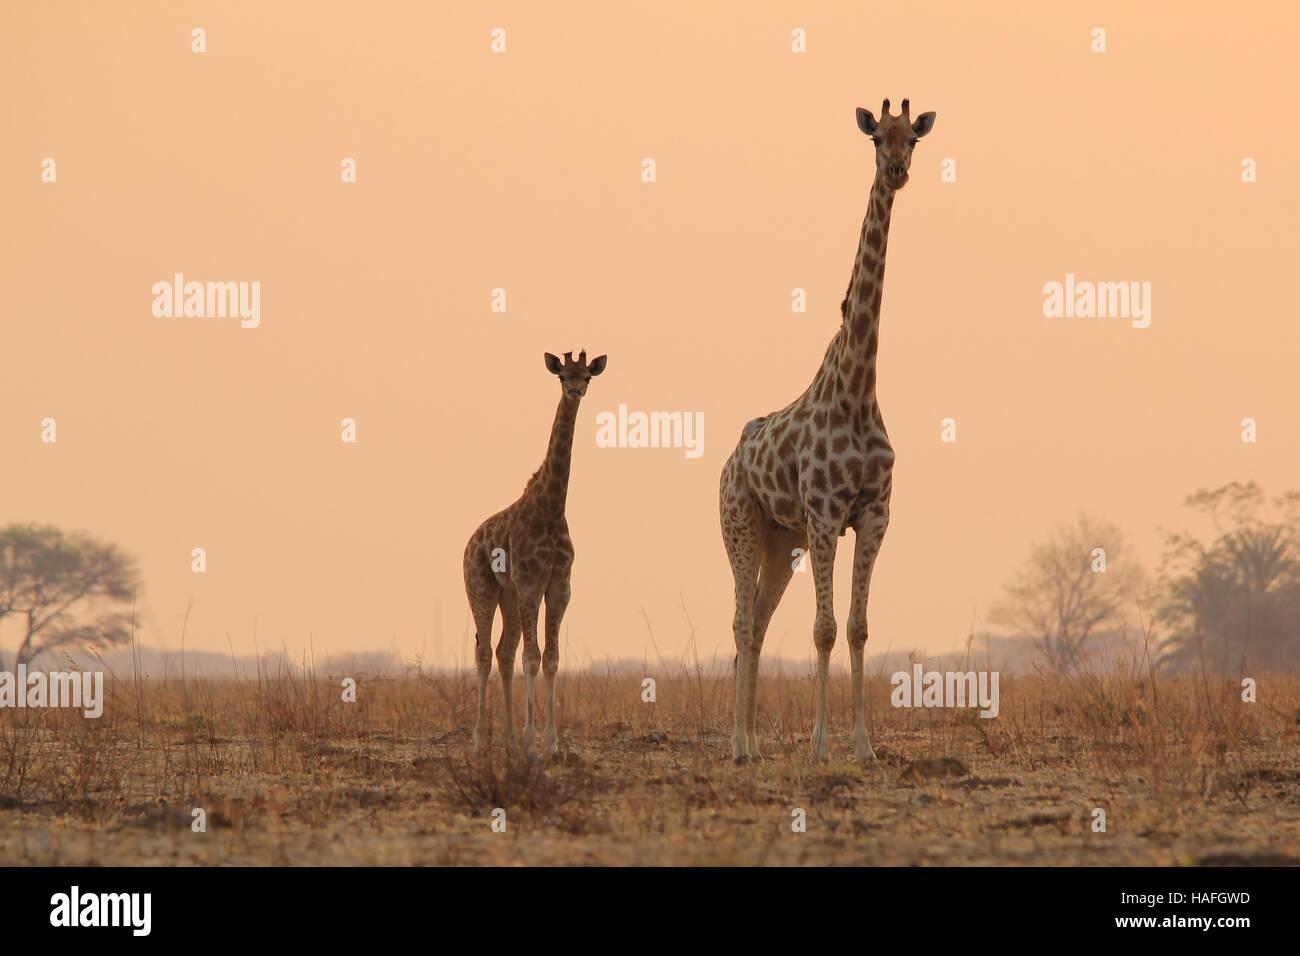 Jirafa - fauna africana de Fondo - Sunset Bliss de bebé Animales y mamás en el salvaje Imagen De Stock